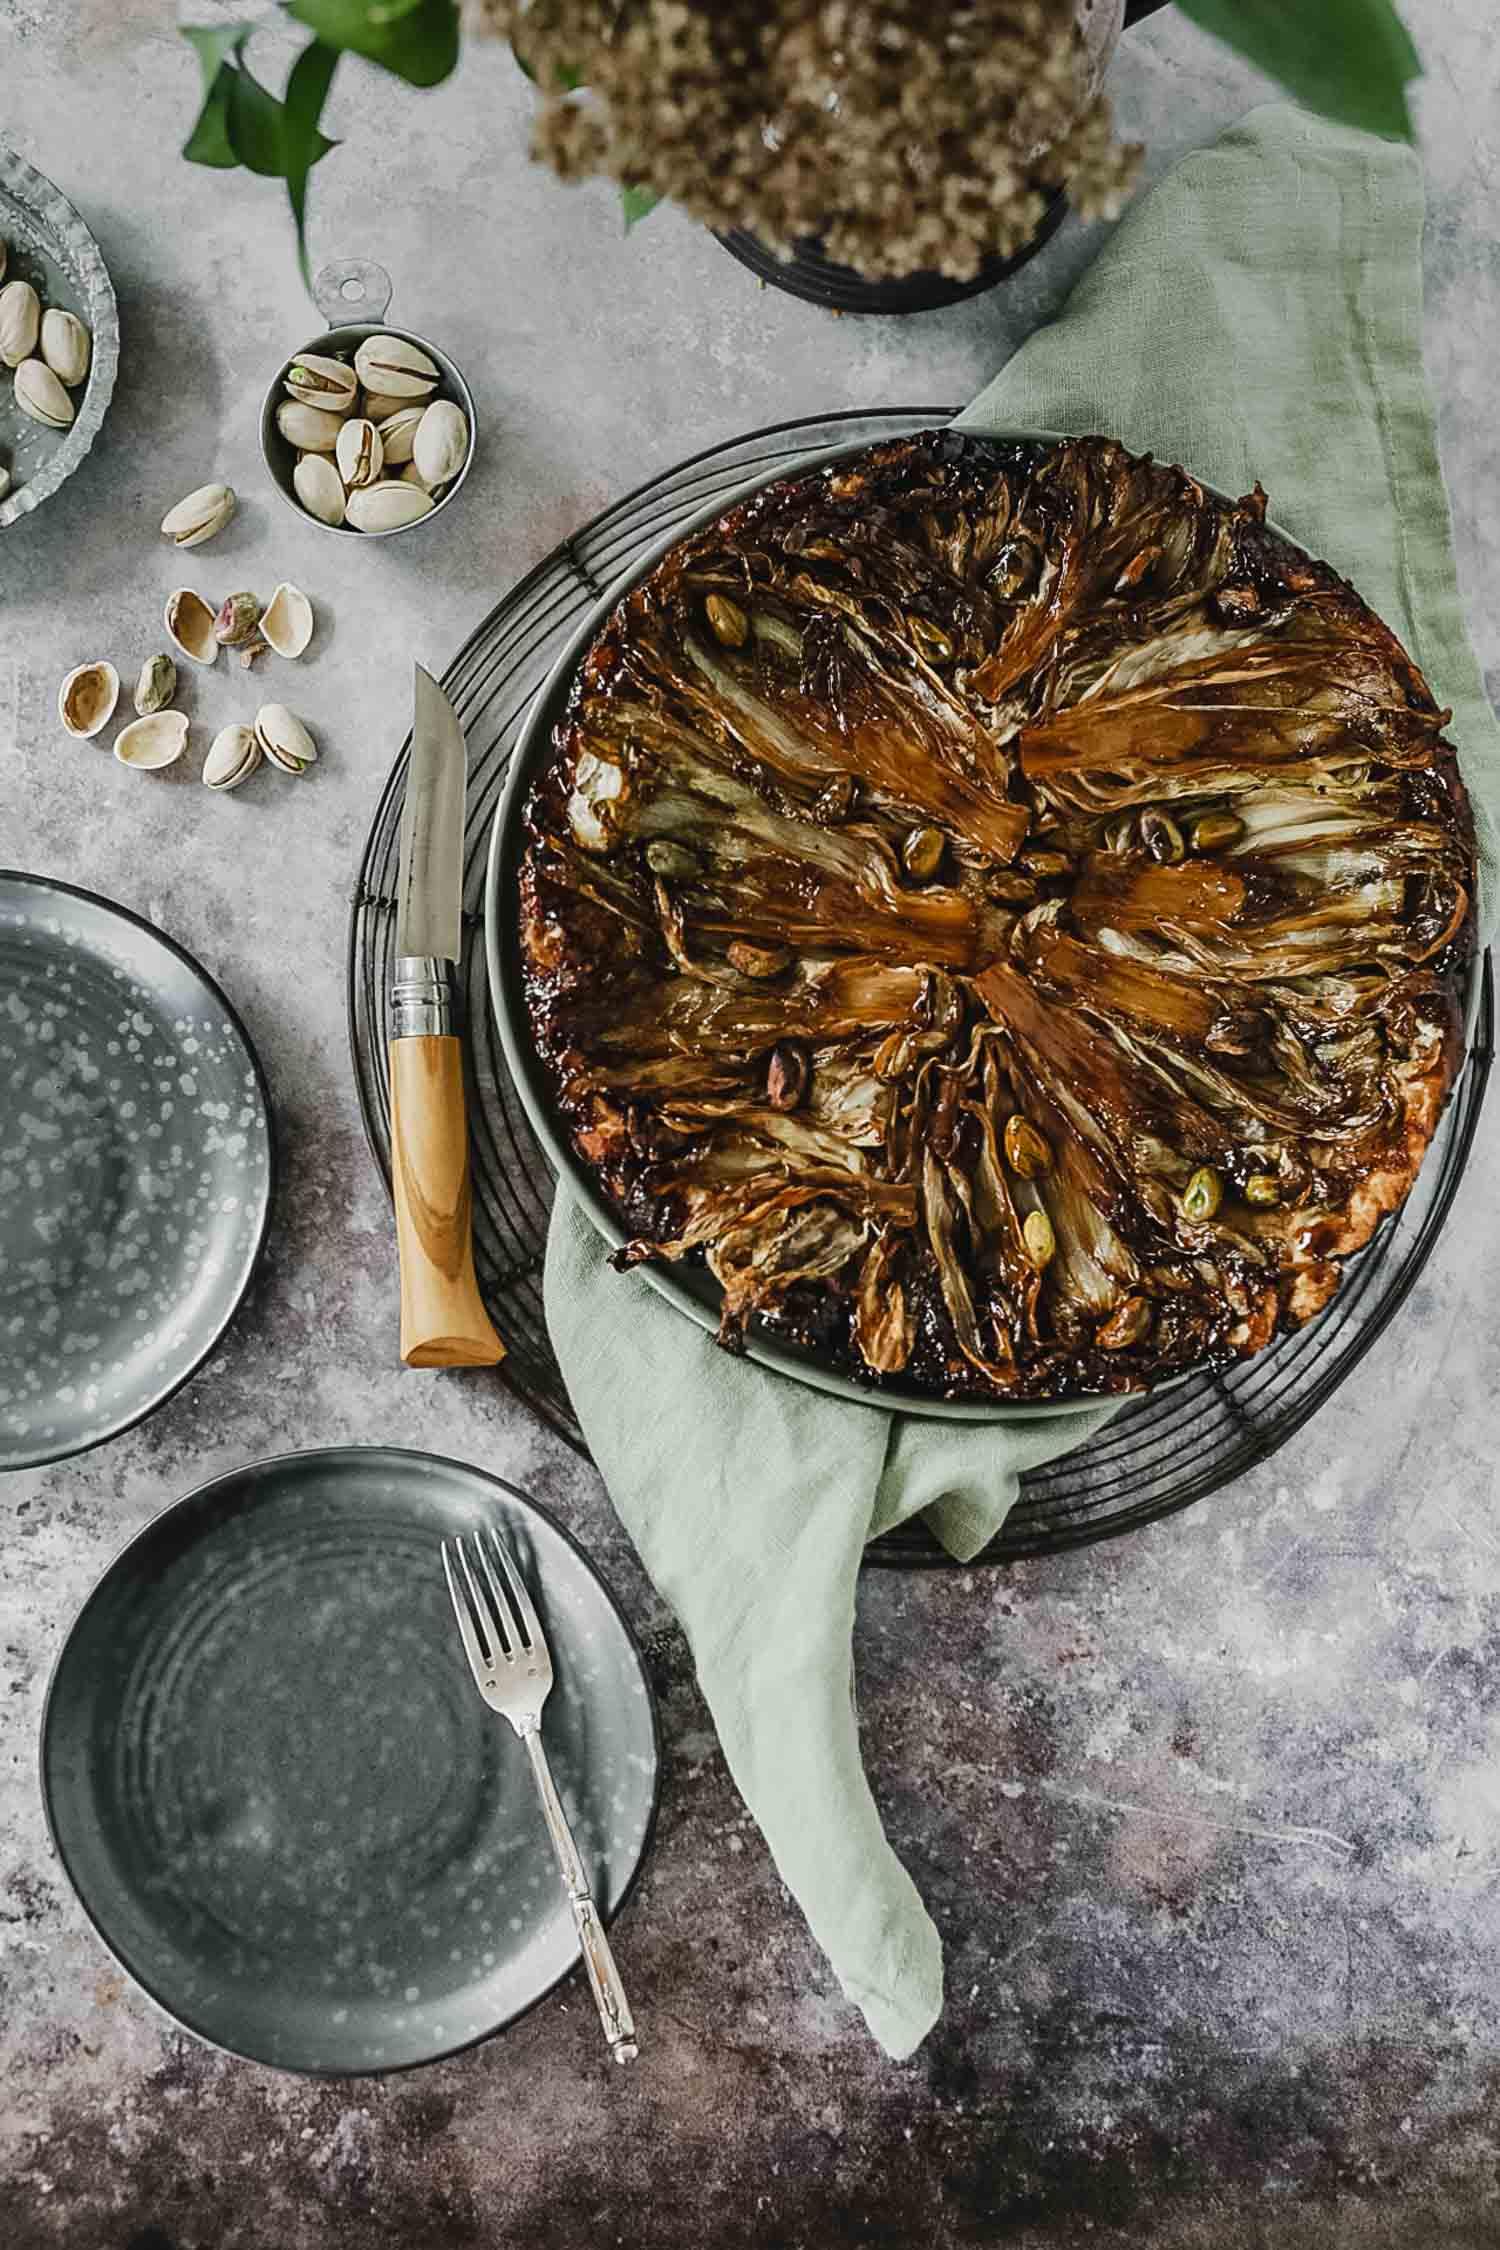 Recette vegan tarte tatin d'endives au sirop d'érable et pistaches